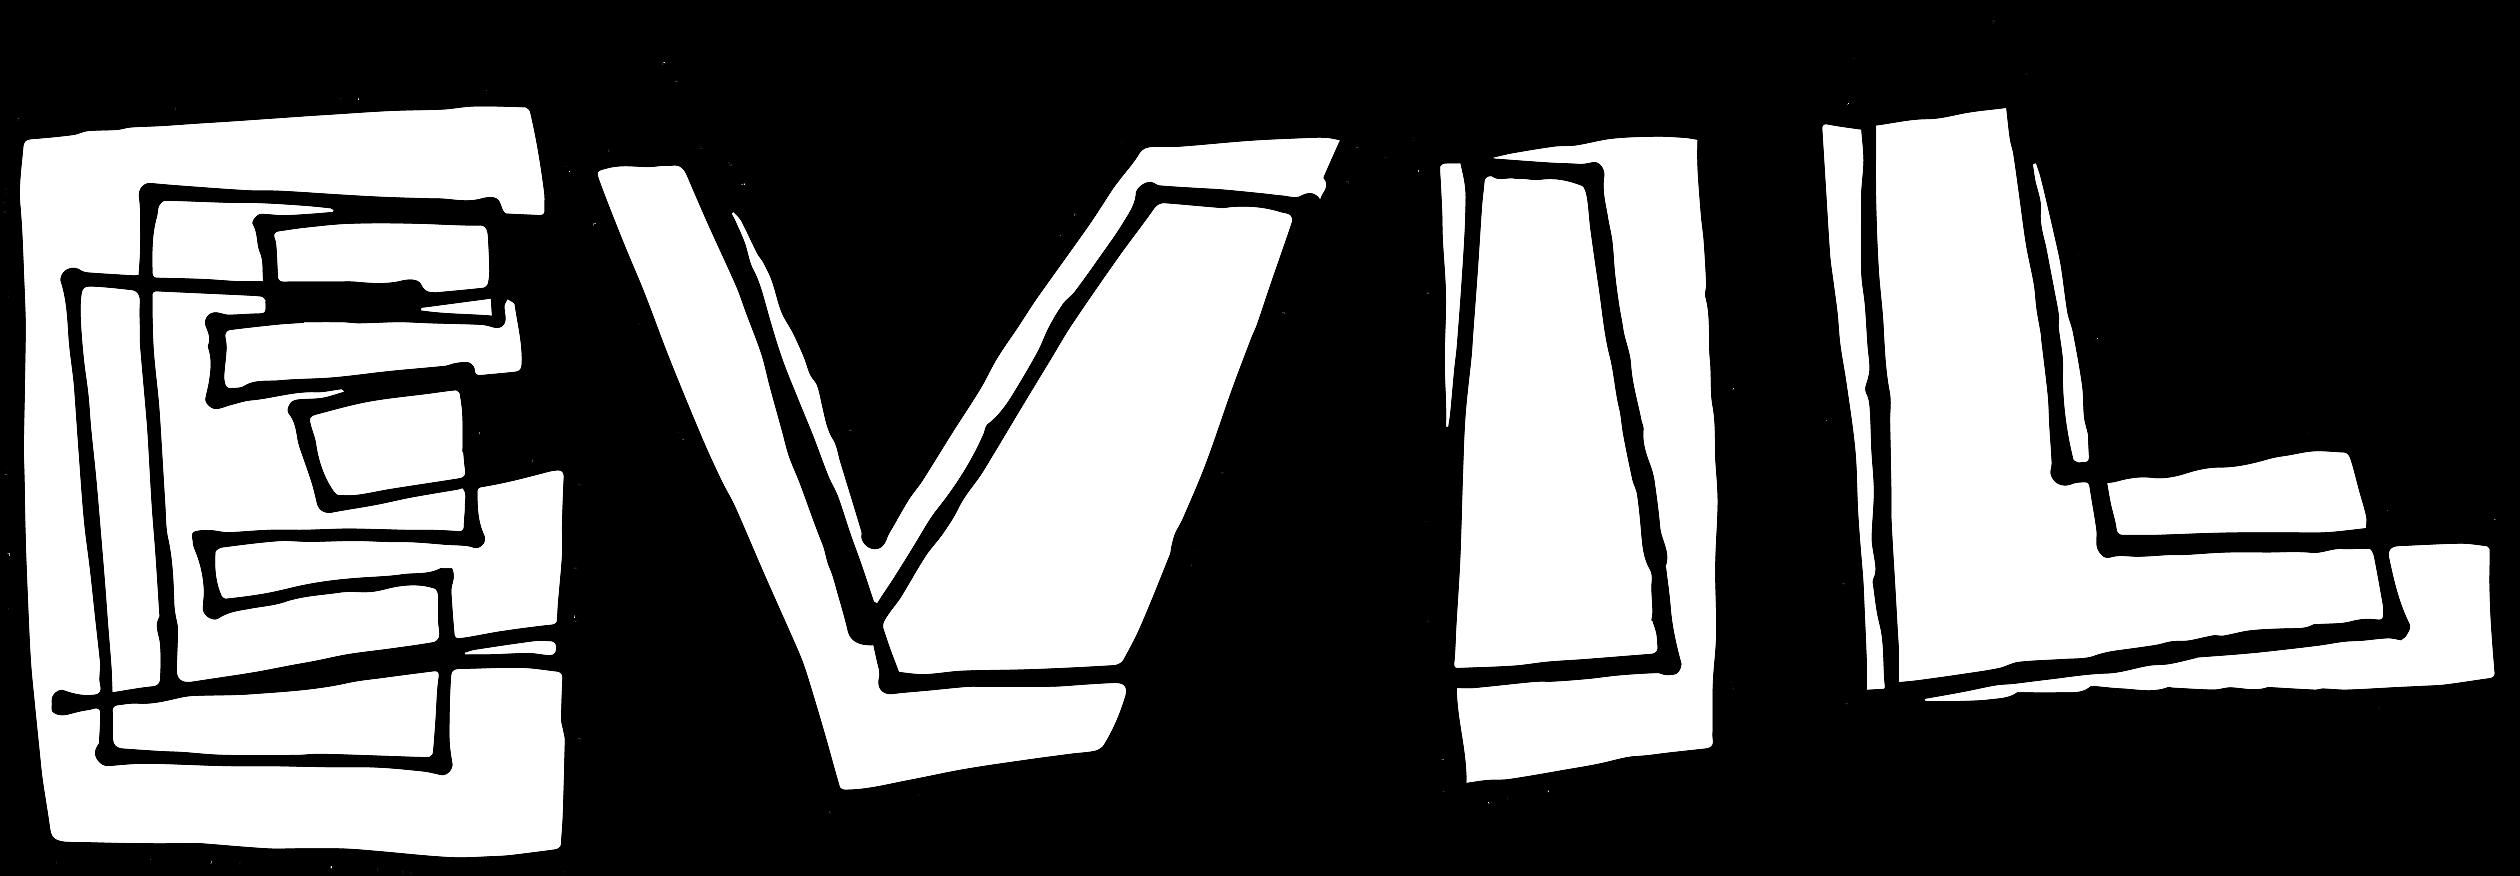 vector_EVIL-01.png